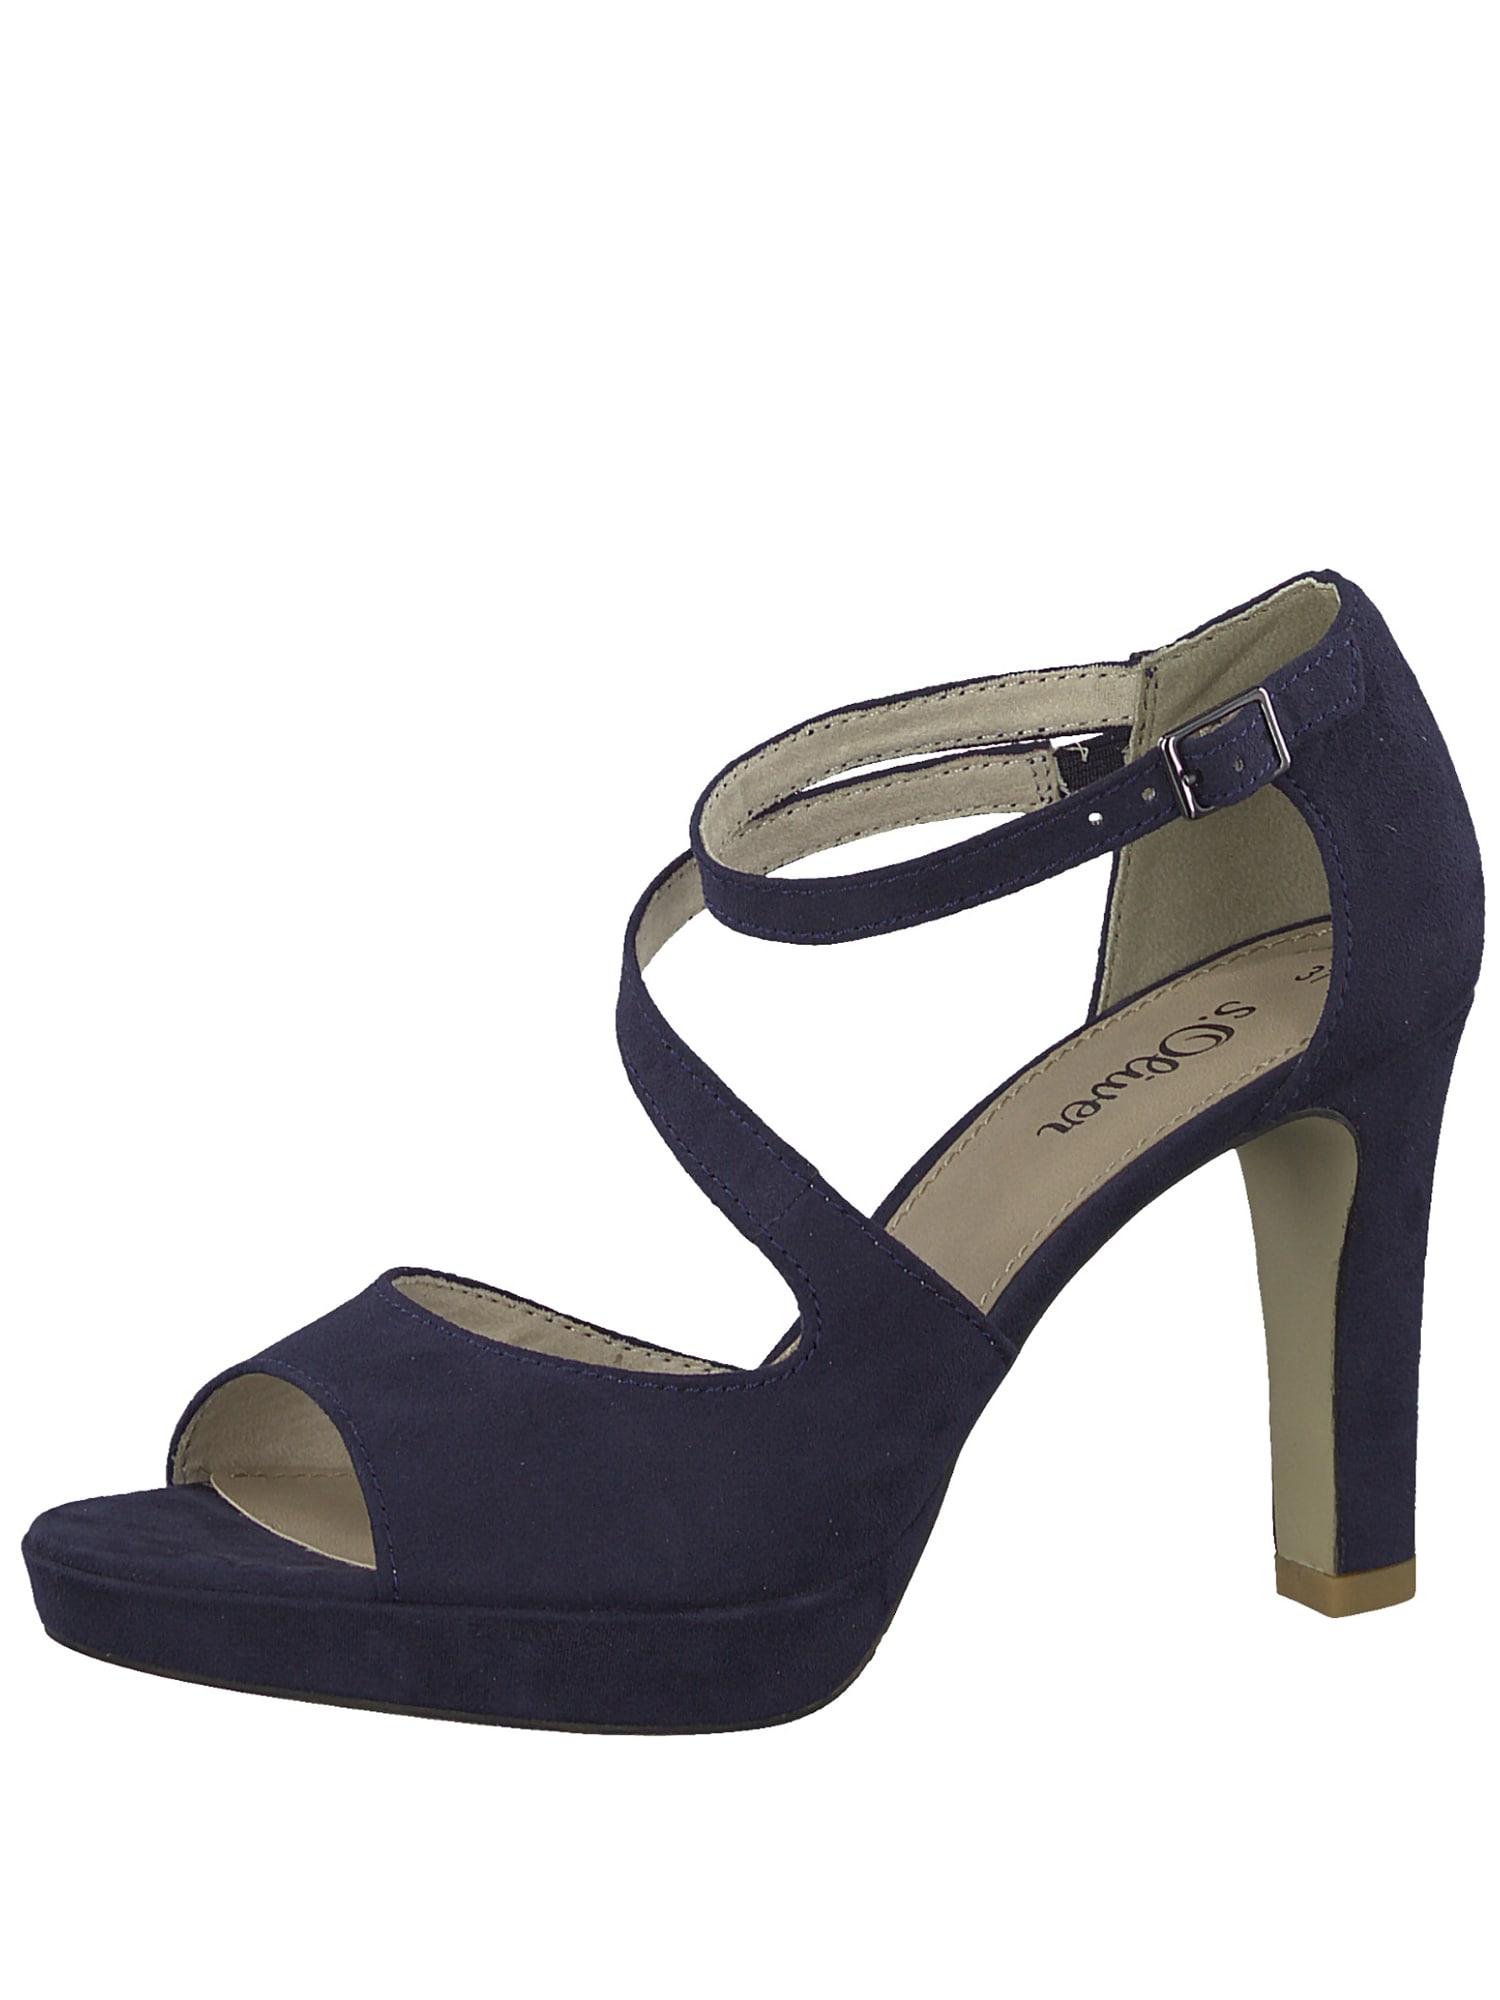 Páskové sandály Strappy Heel námořnická modř S.Oliver RED LABEL